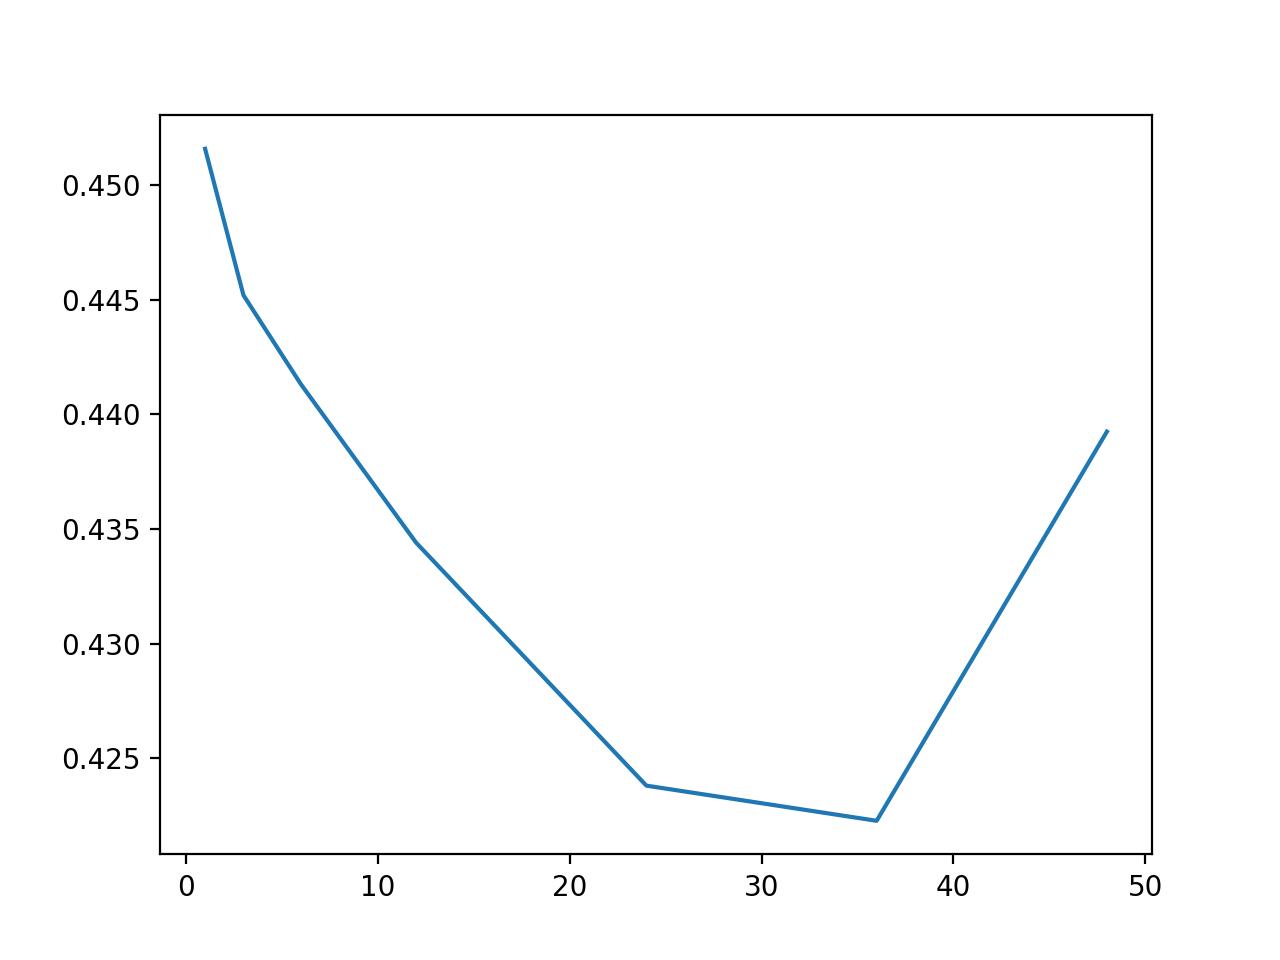 Line Plot of Number of Lag Observations vs MAE for Huber Regression